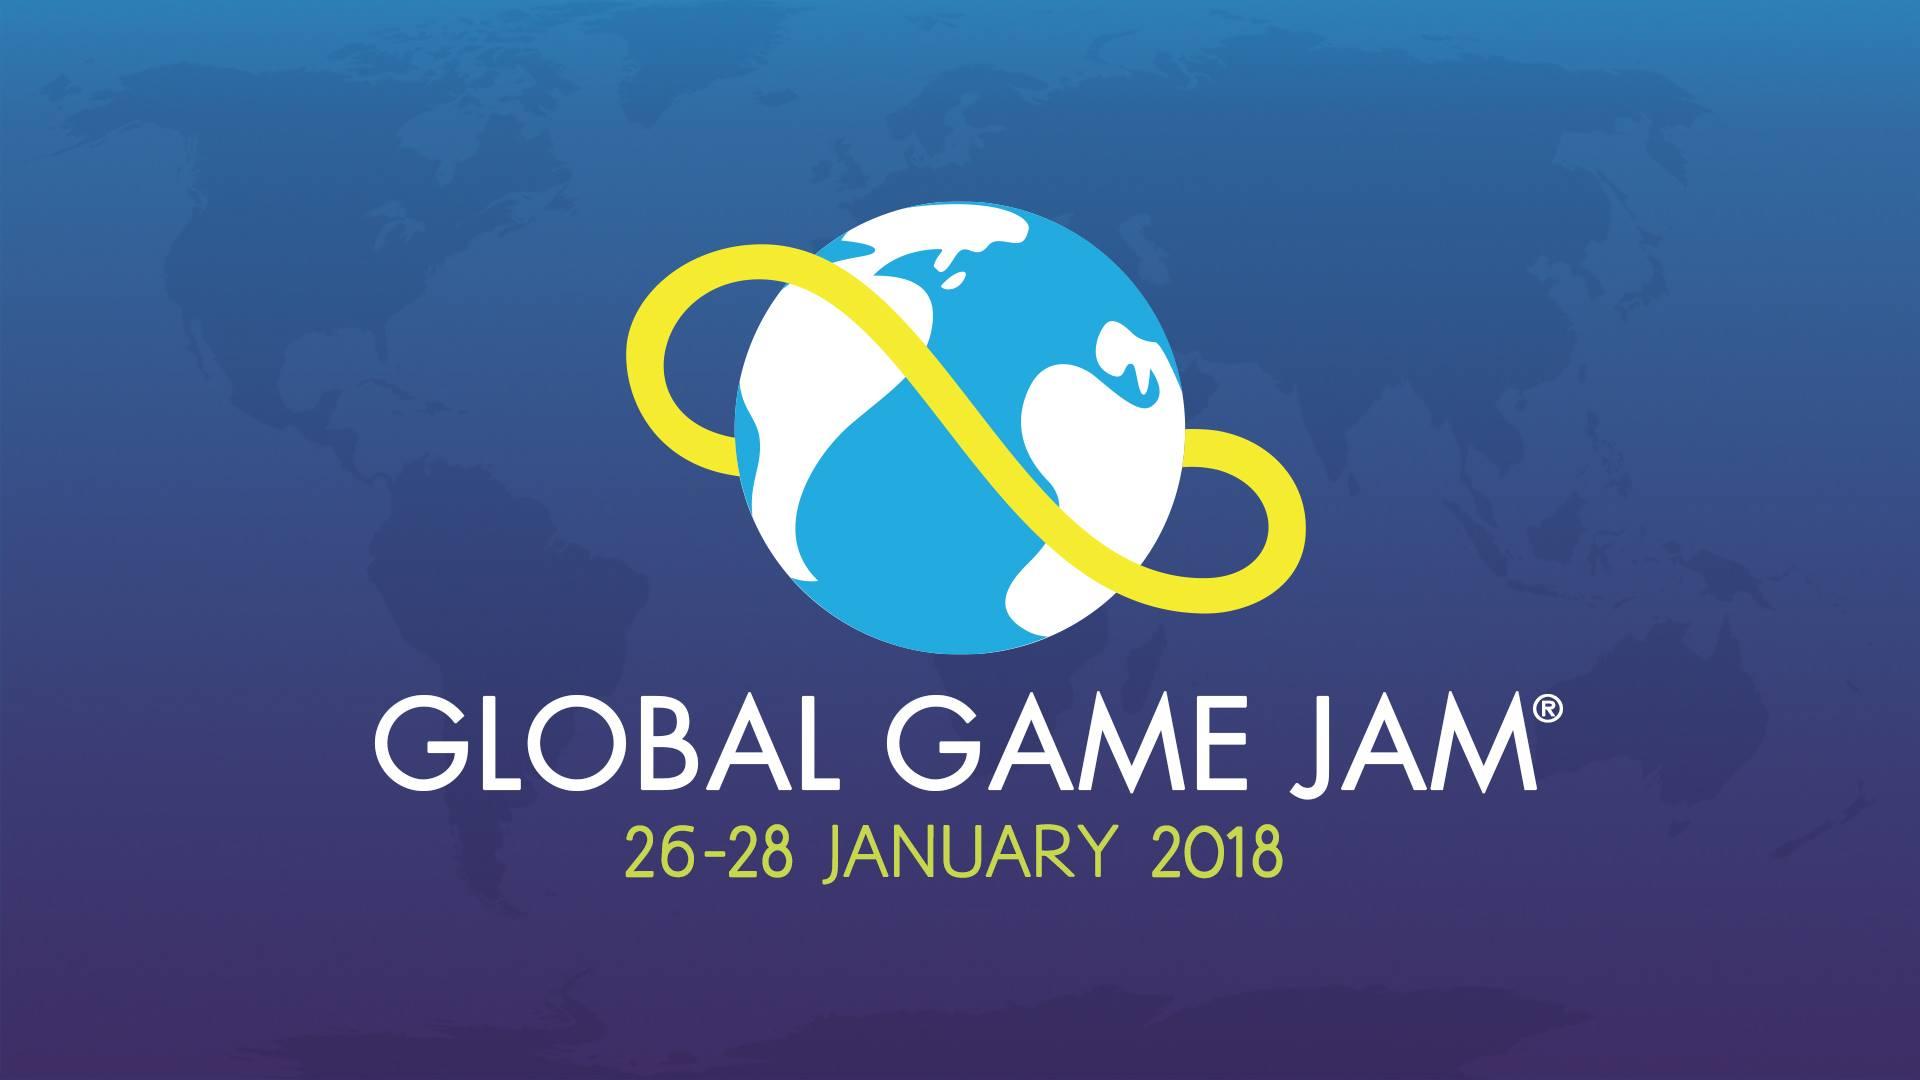 GlobalGameJameBanner.jpg